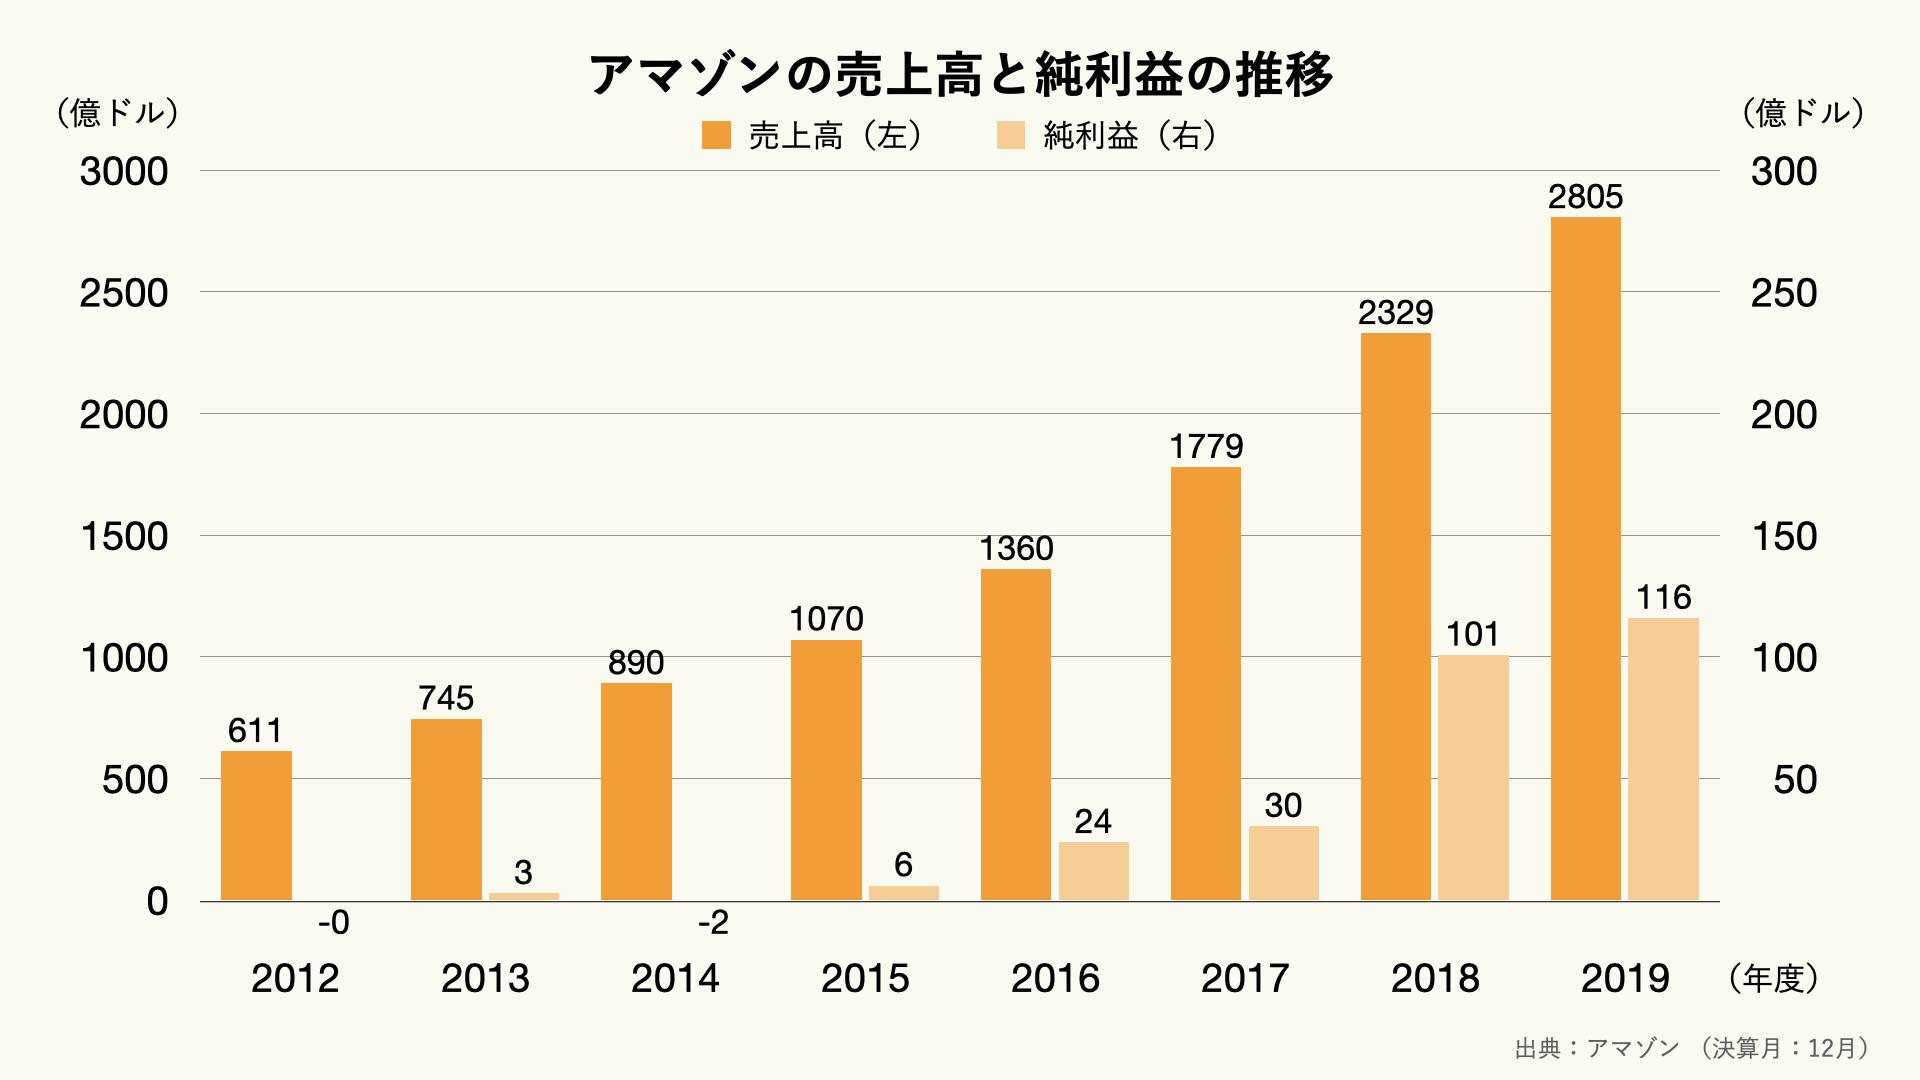 アマゾンの売上高の推移のグラフ